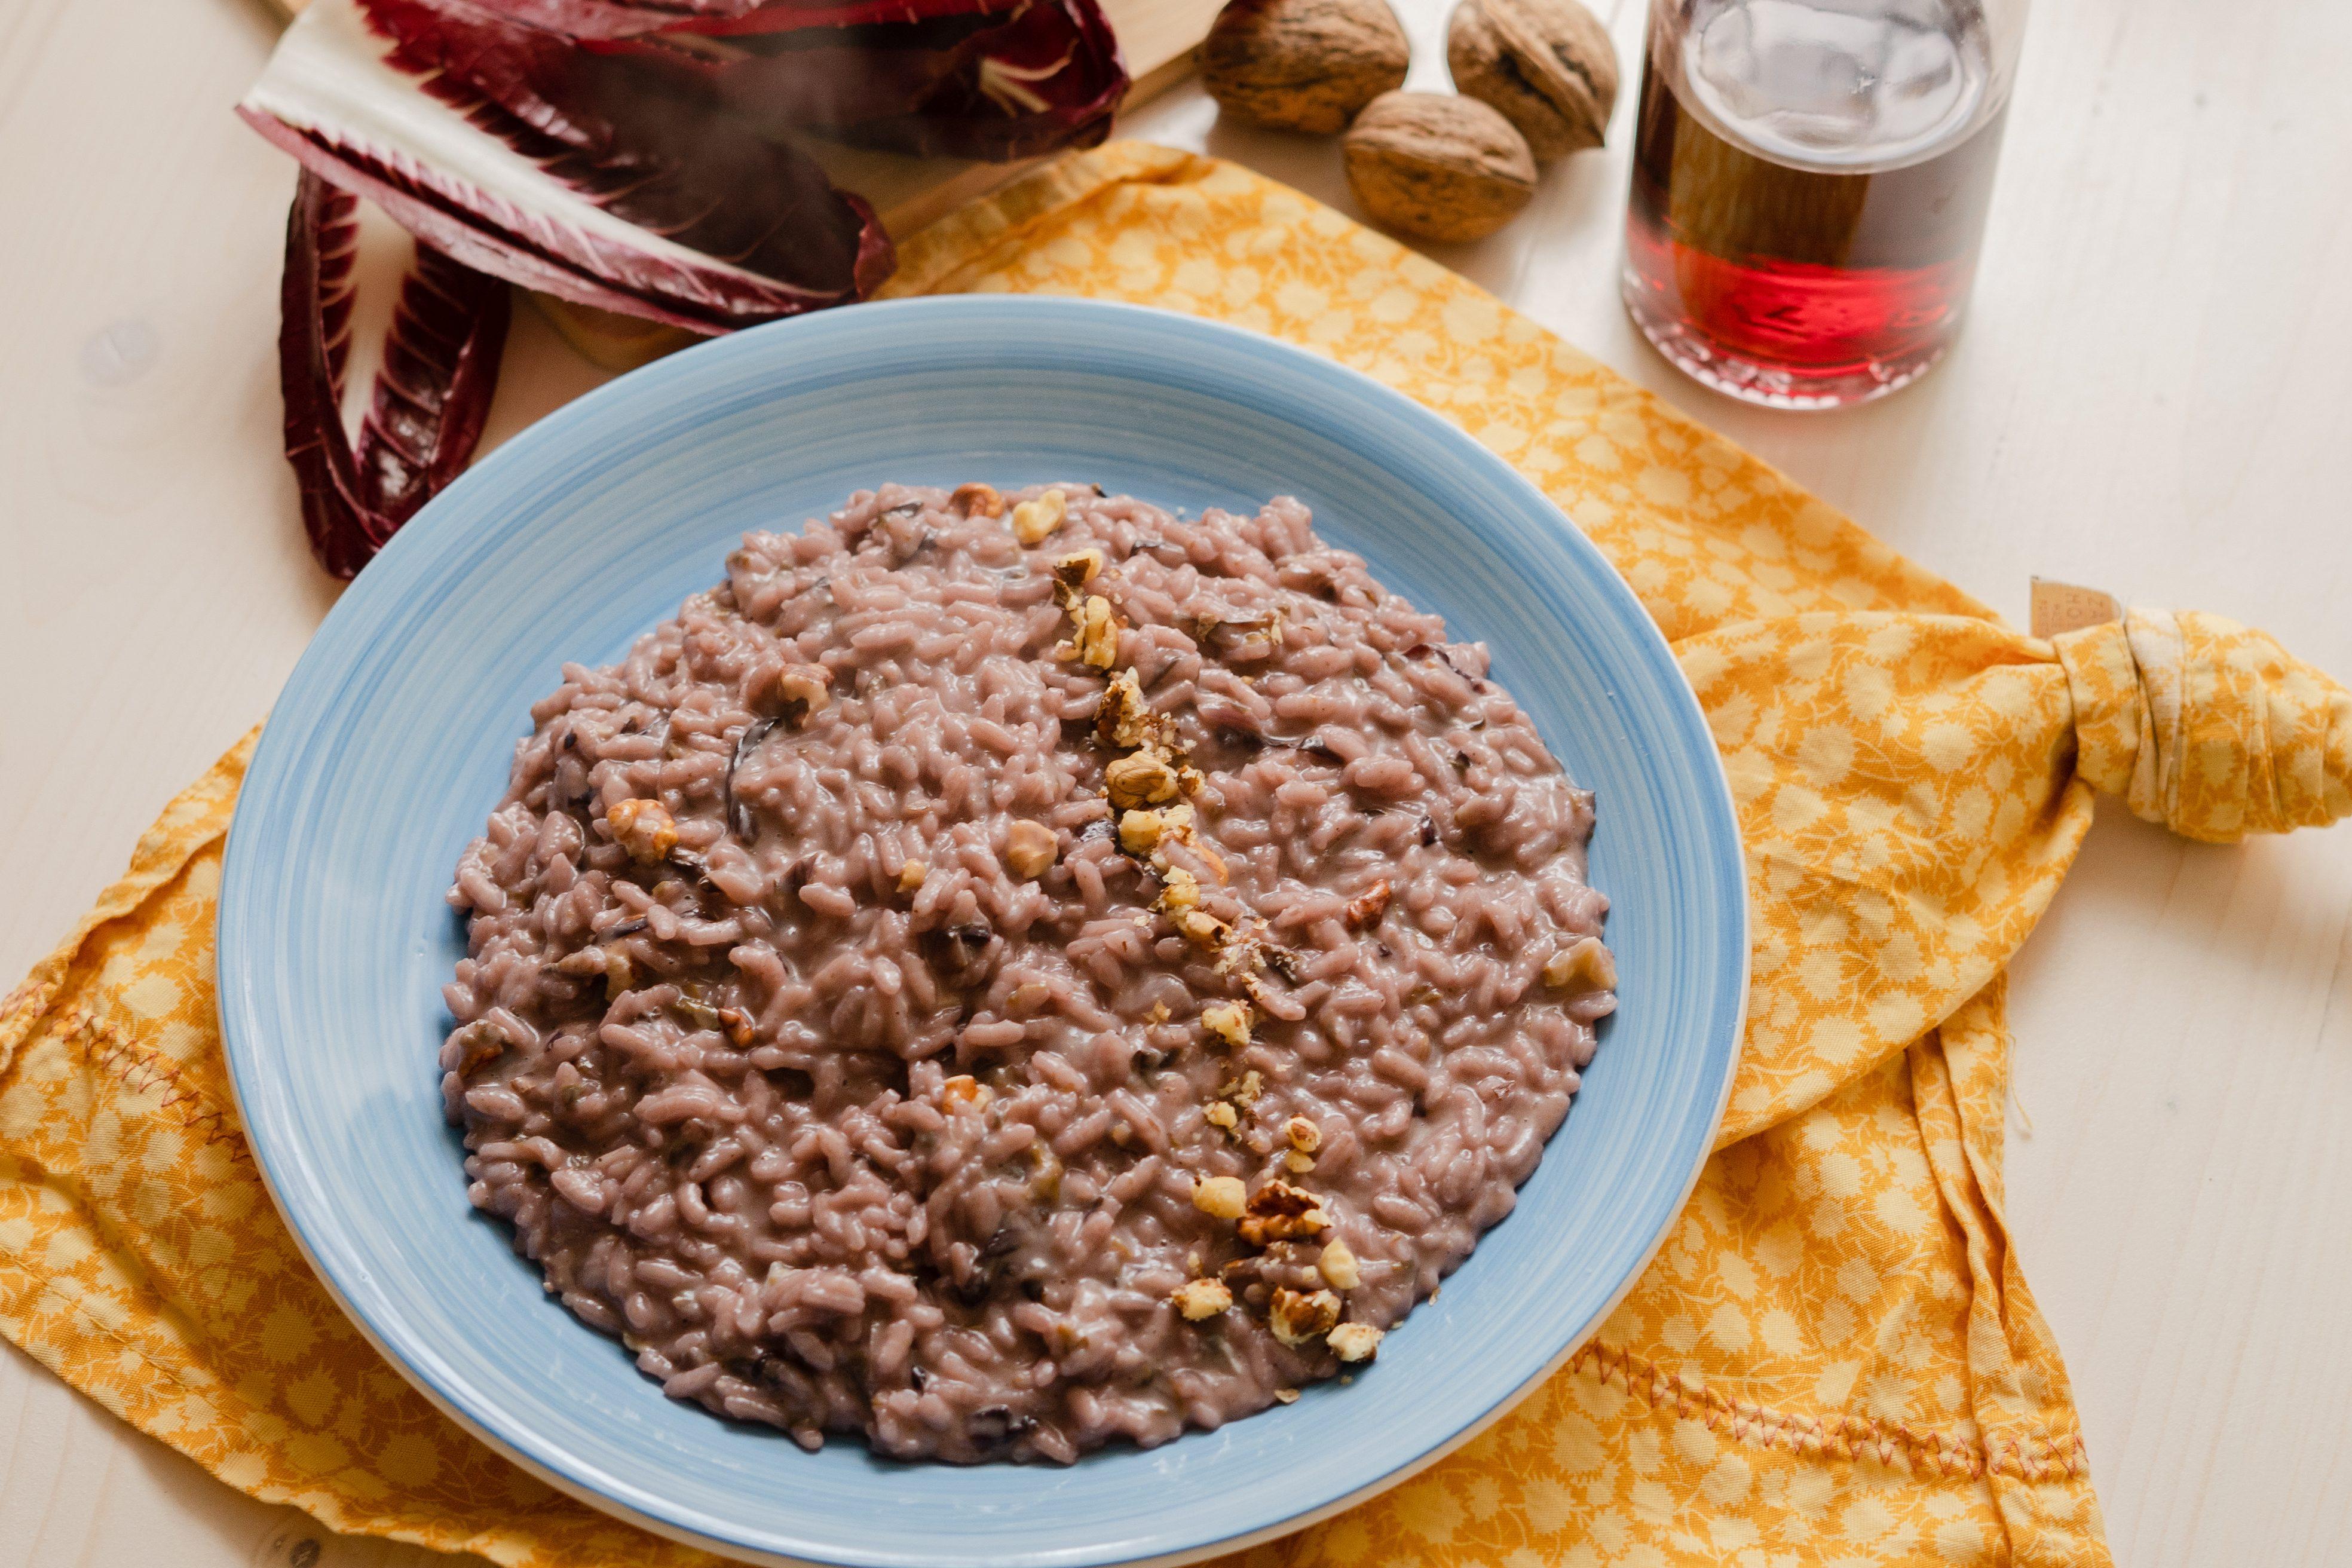 Risotto con radicchio e gorgonzola: la ricetta del piatto cremoso e saporito